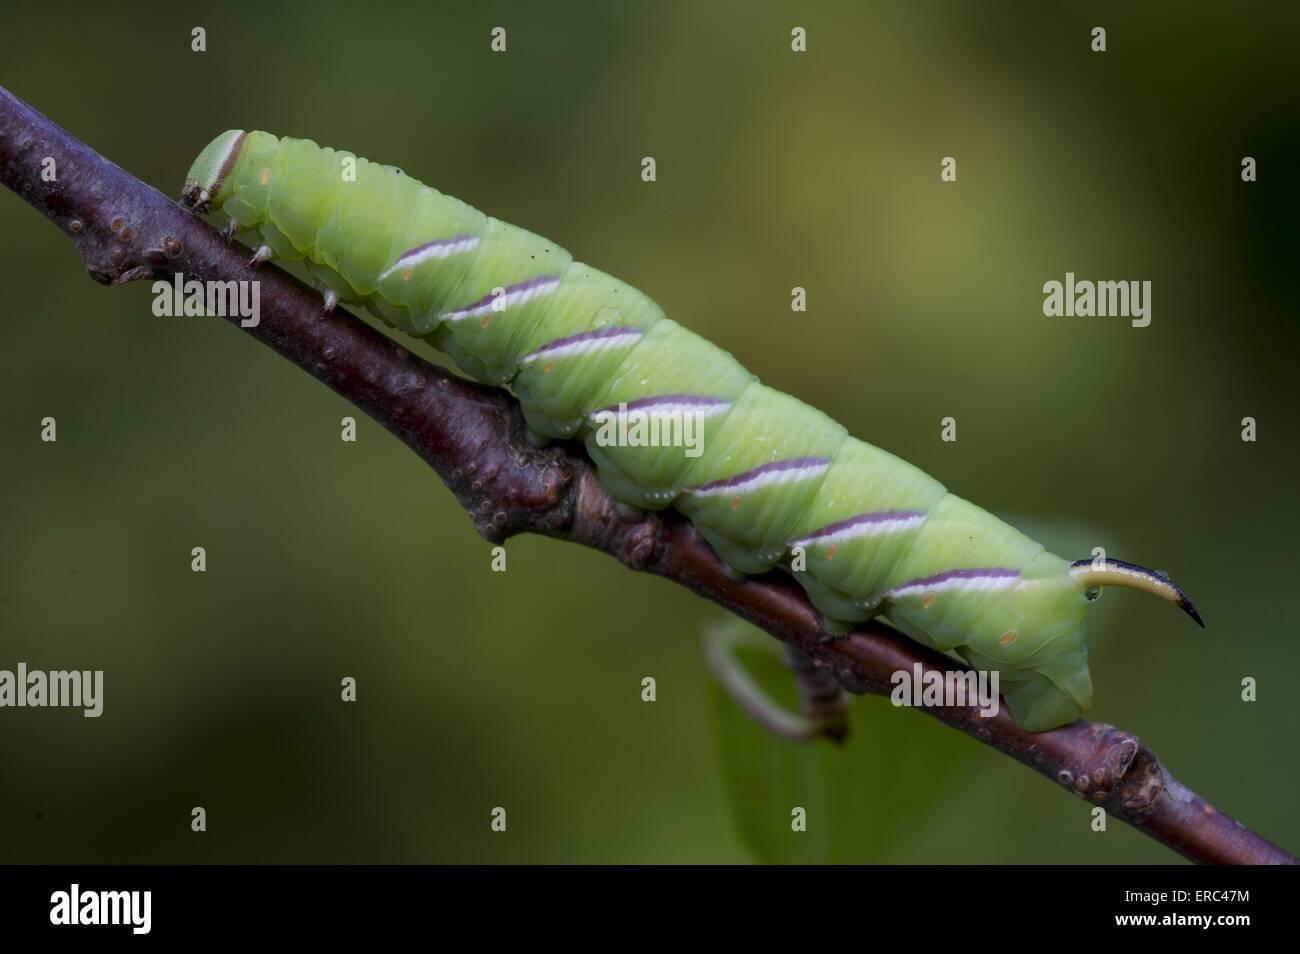 lime hawkmoth grub - Stock Image